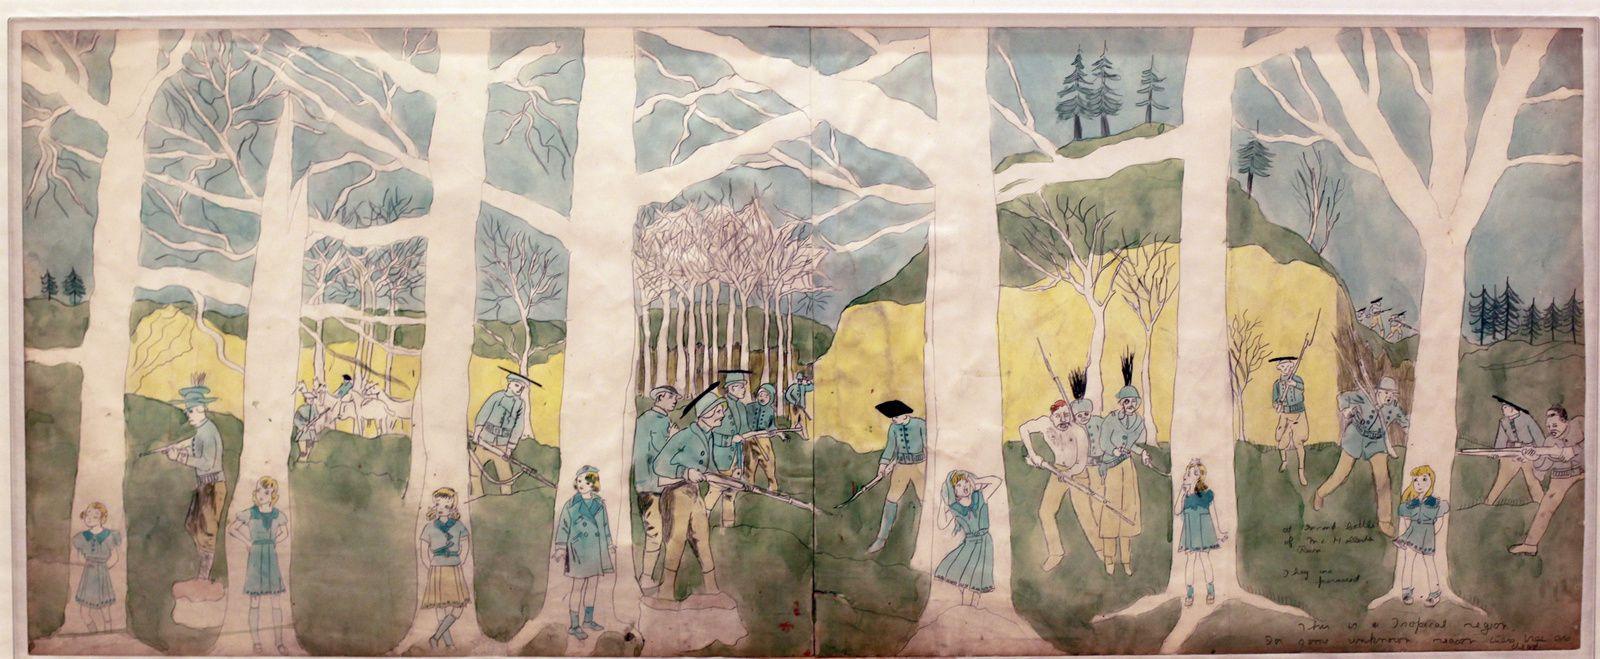 """""""A la secode bataille de Mc Hollester Run, elles sont poursuivies. C'est une zone tropicale. Pour une raison inconnue les arbres sont morts"""", entre 1930 et 1940 d'Henry Darger © Photo Éric Simon"""